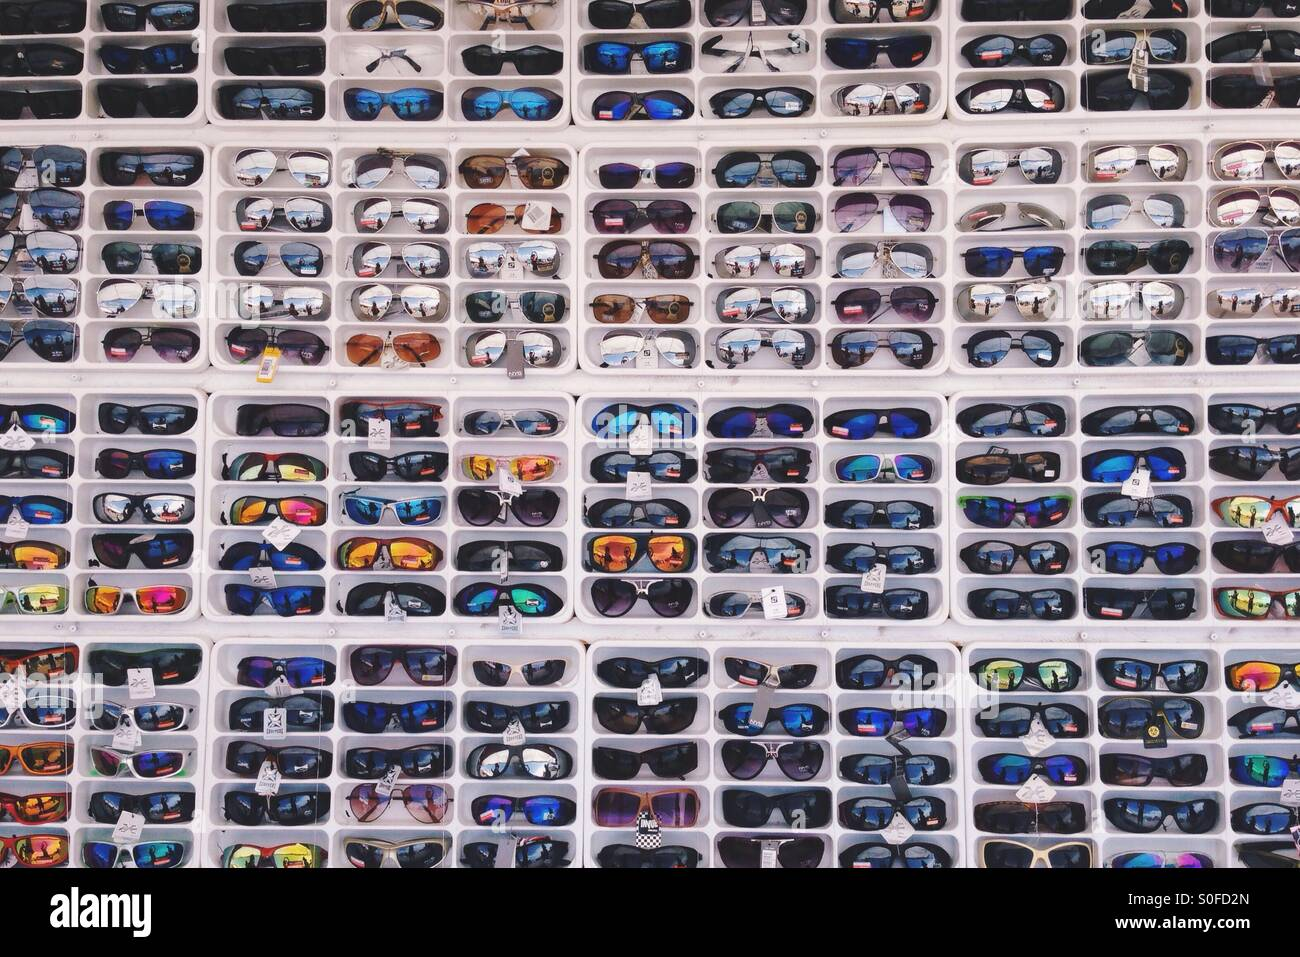 Sonnenbrillen-Raster Stockbild